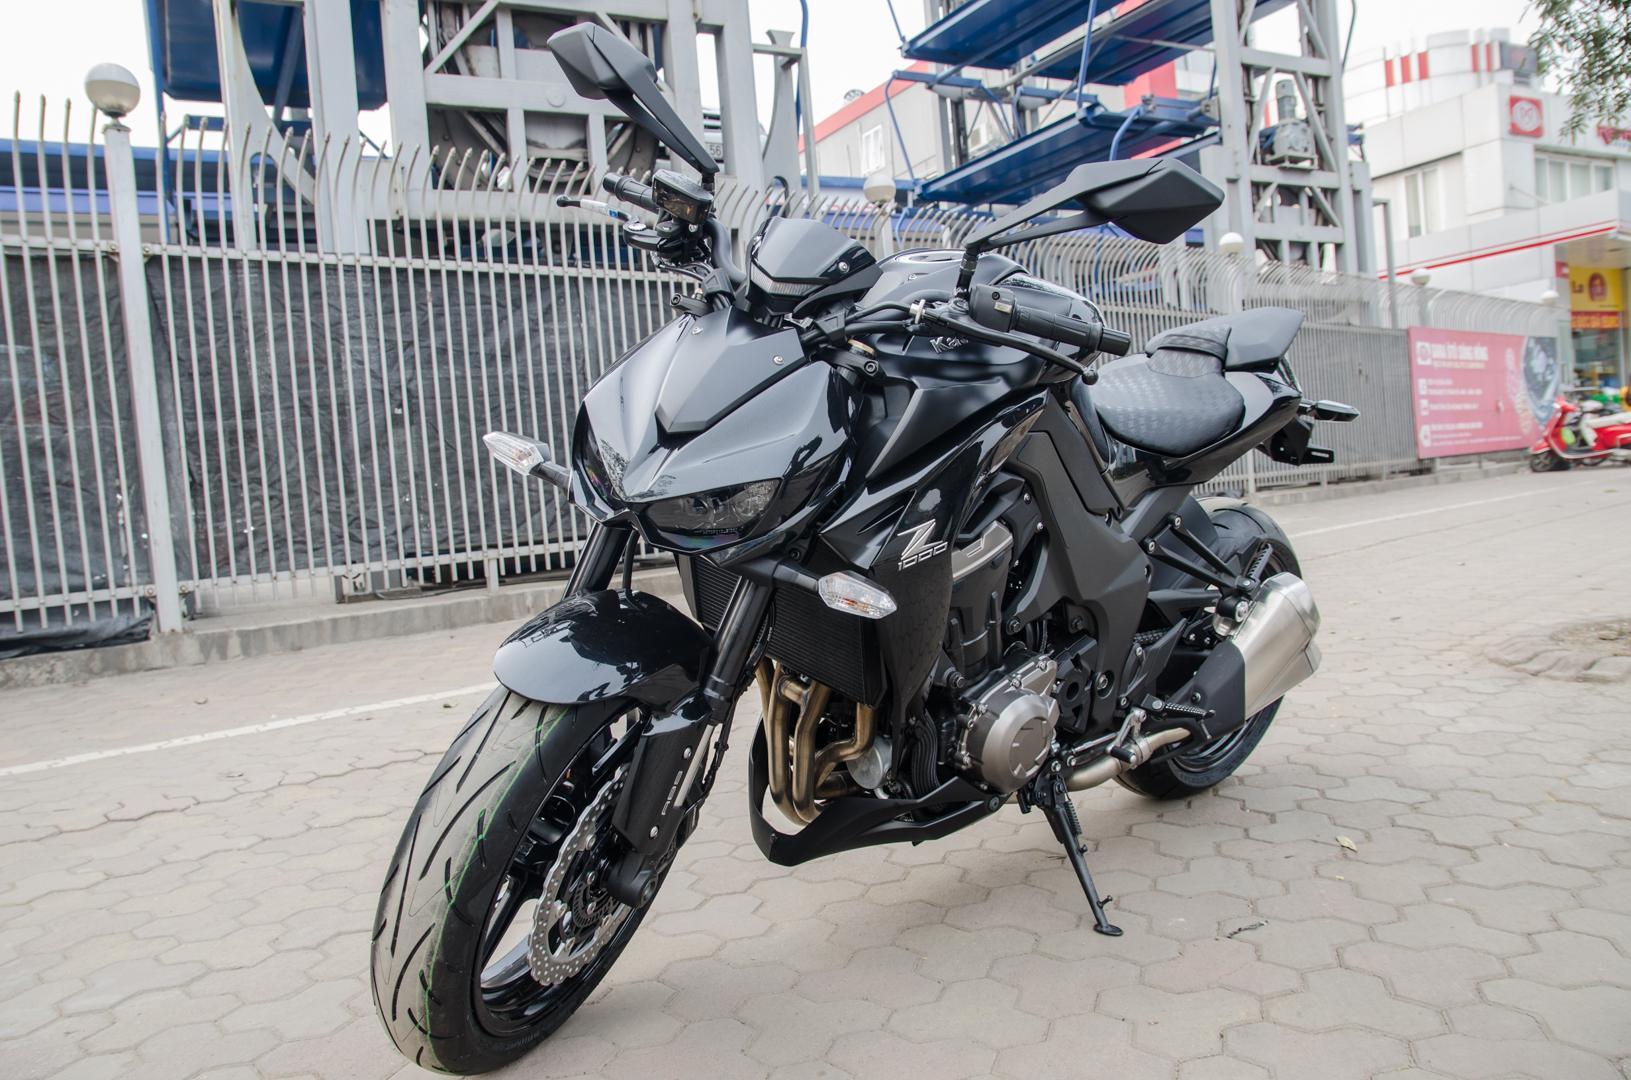 Kawasaki z1000 2015 black